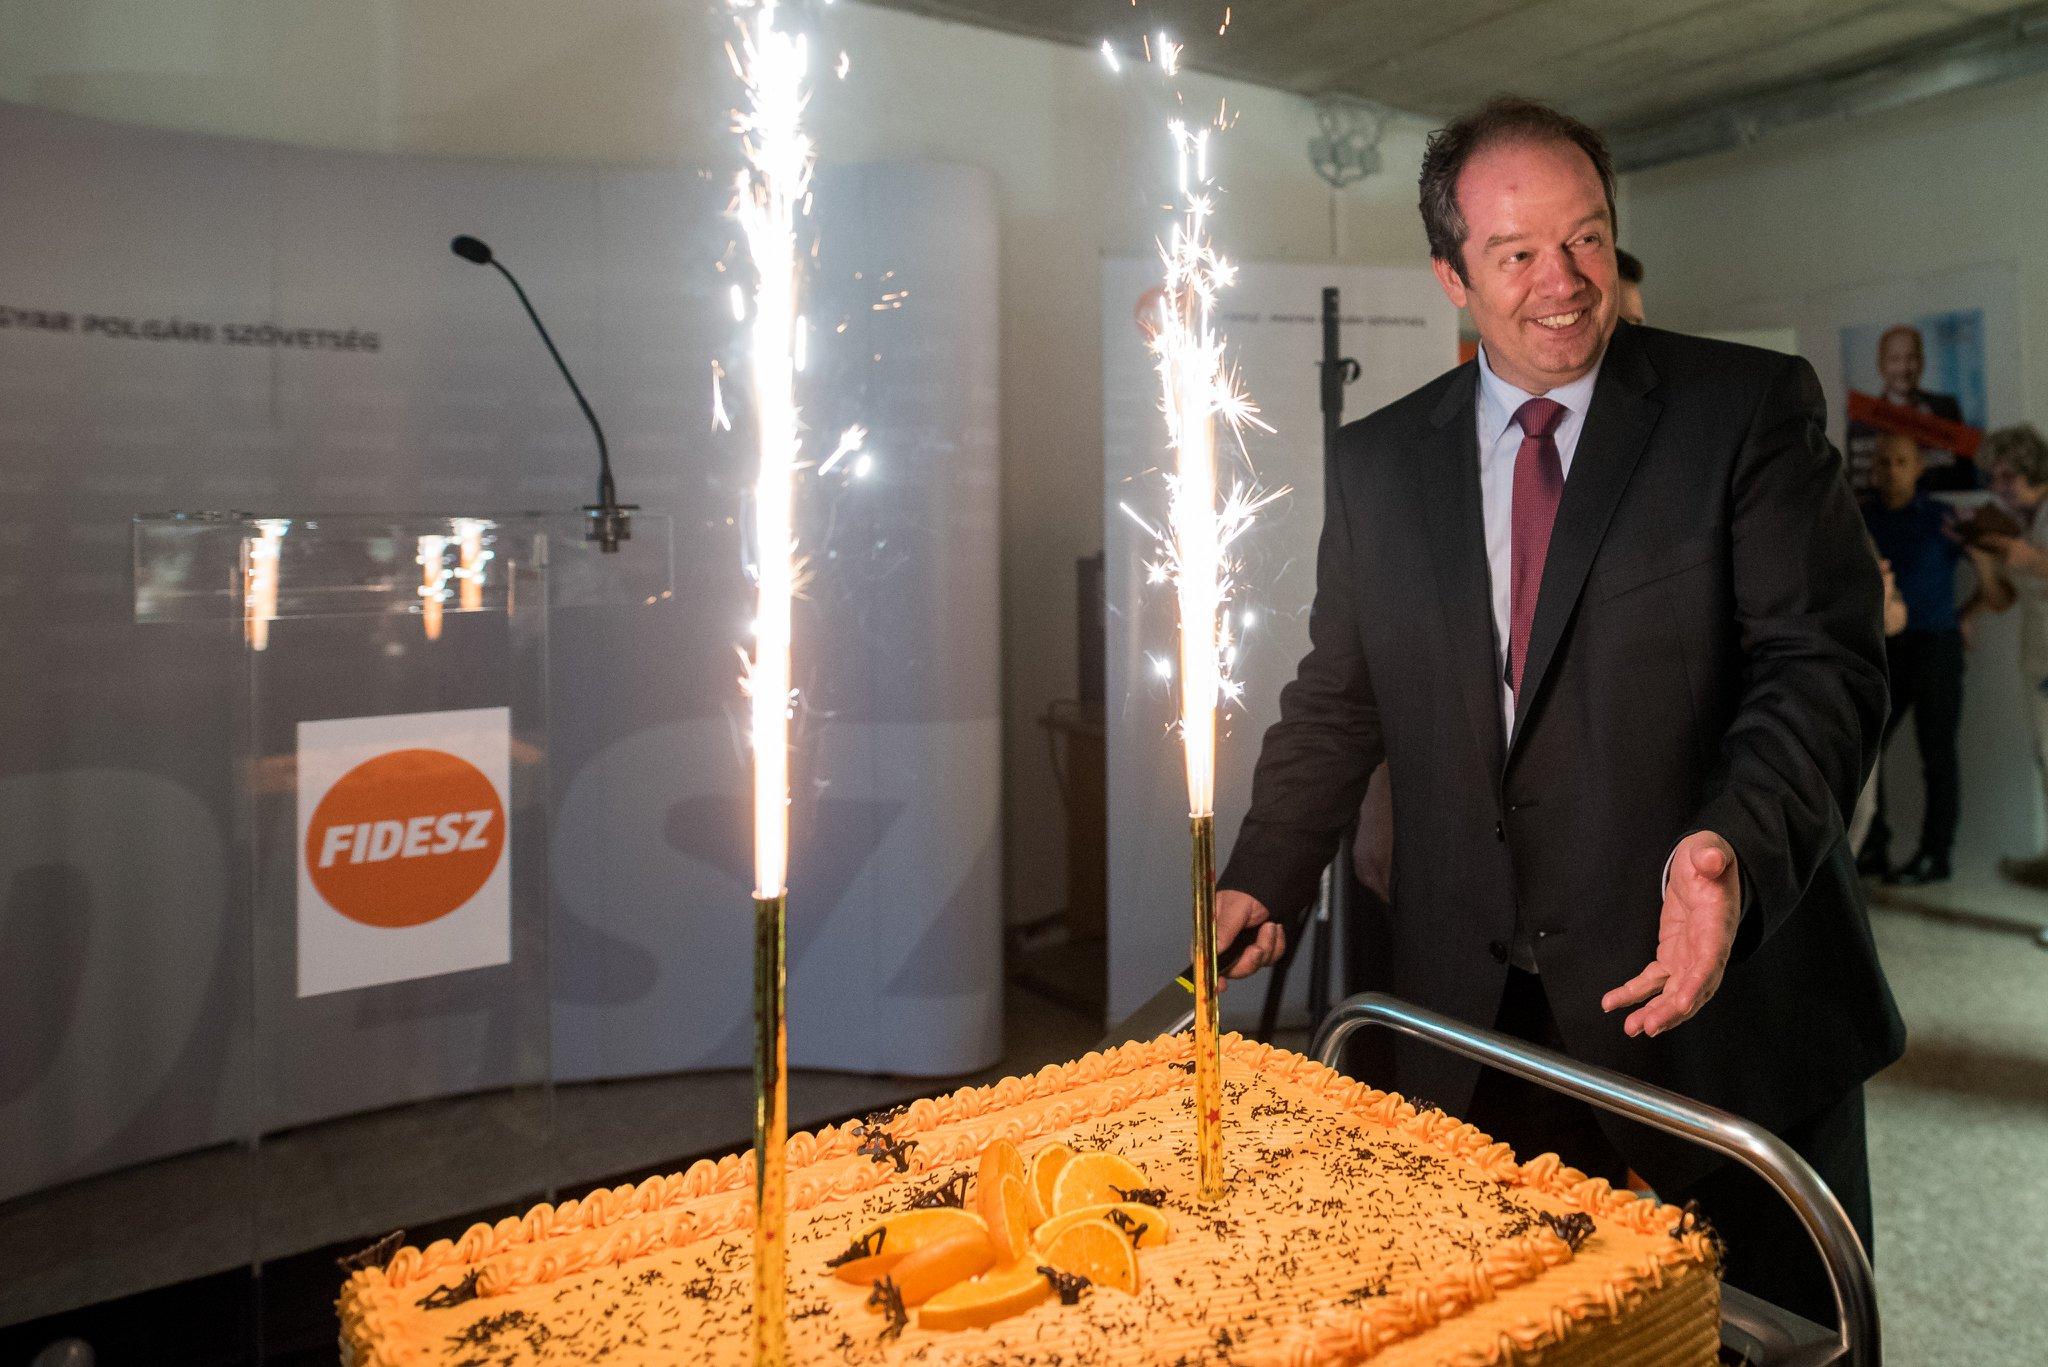 Elképesztő narancstortákkal ünnepli a Fidesz a kétharmados győzelmét